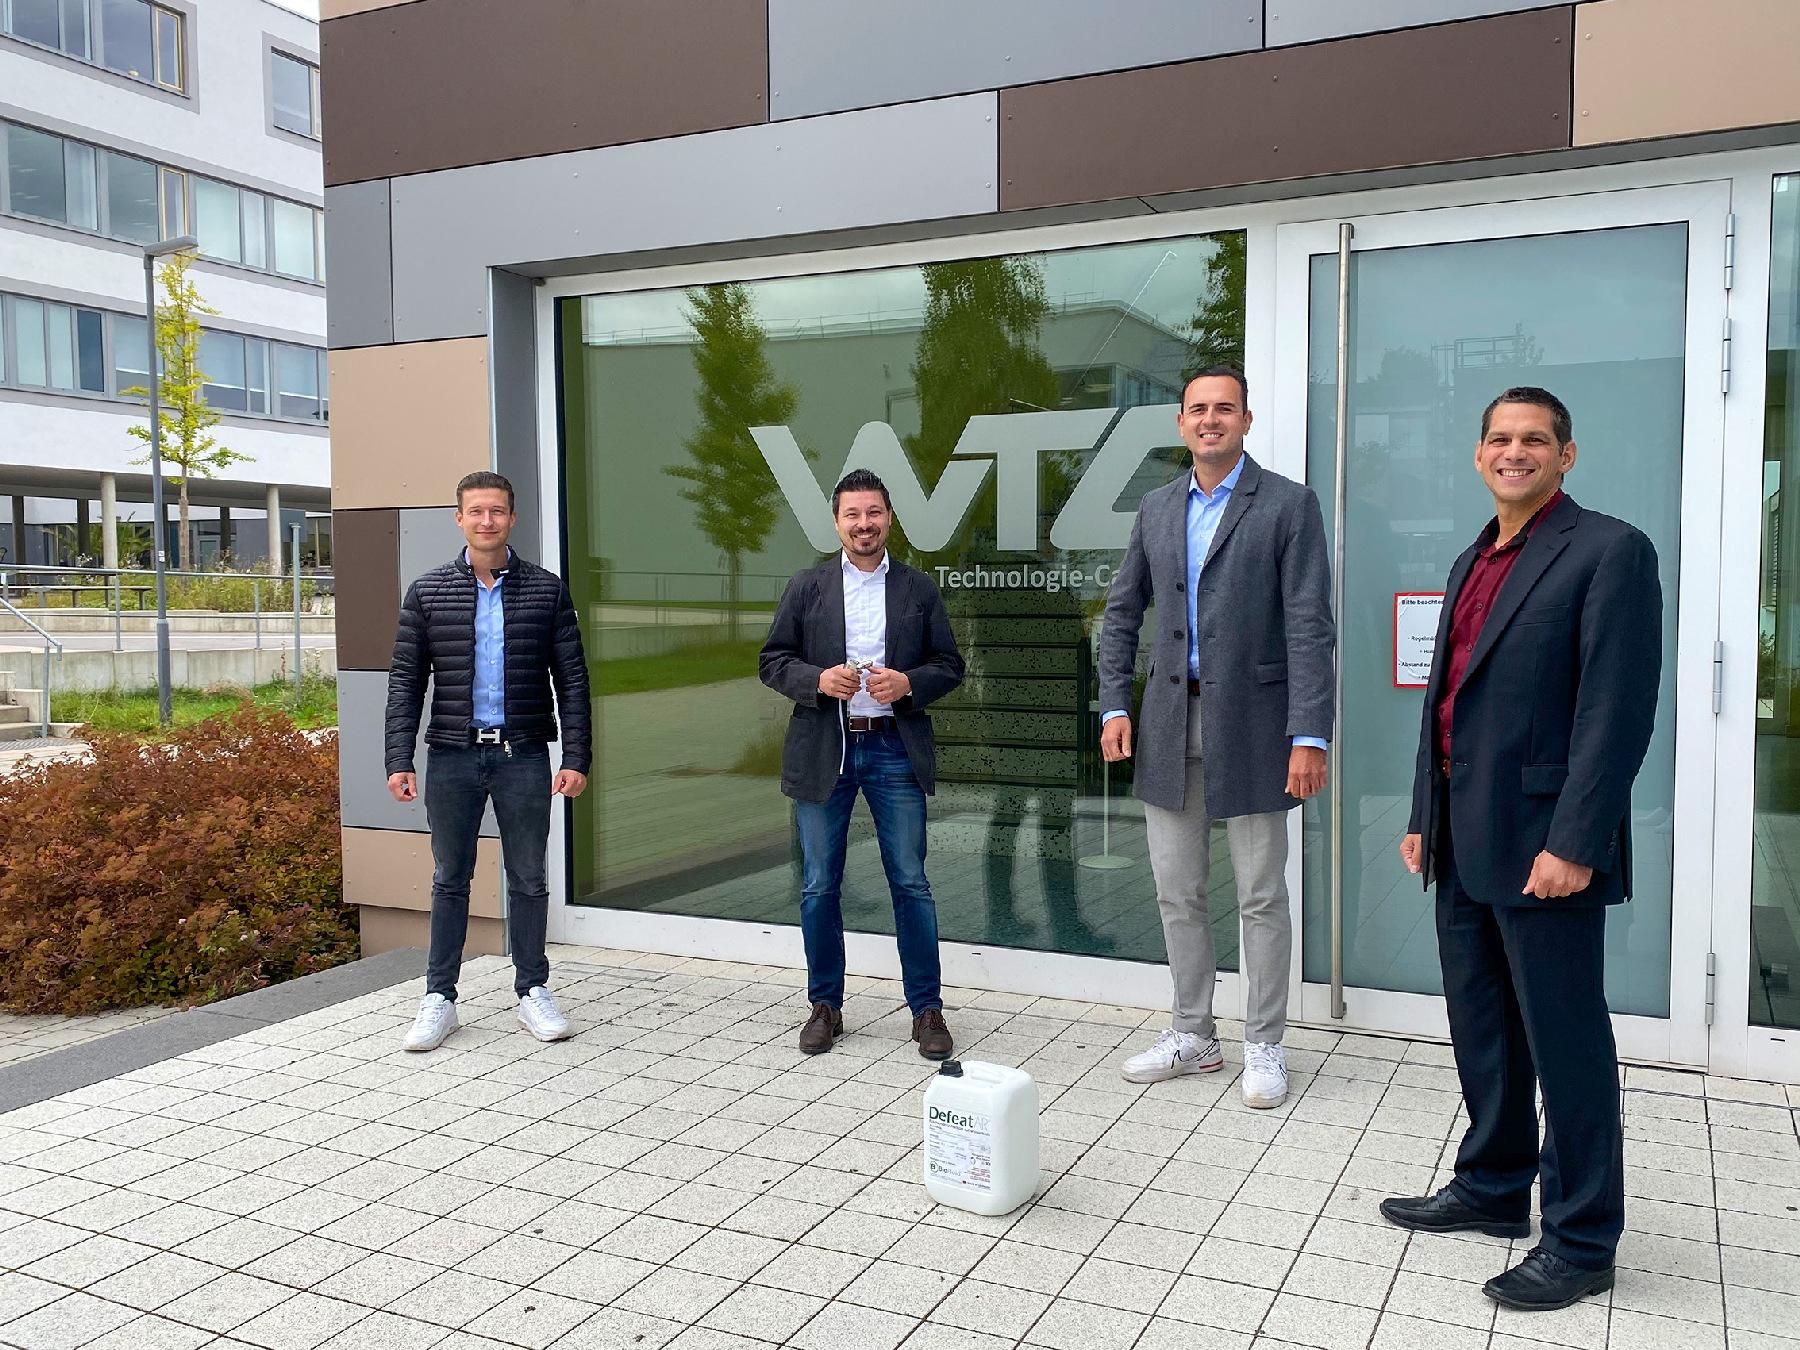 Von links: Die Gründer der Apollon Biotech GmbH Benjamin Eibisch, Johannes Gallasch und Timo Györi mit dem Laborleiter Dr. Sebastian Buhl. Im Vordergrund die Chemikalien zur Trockenverneblung Foto Lehner/OTH Amberg-Weiden